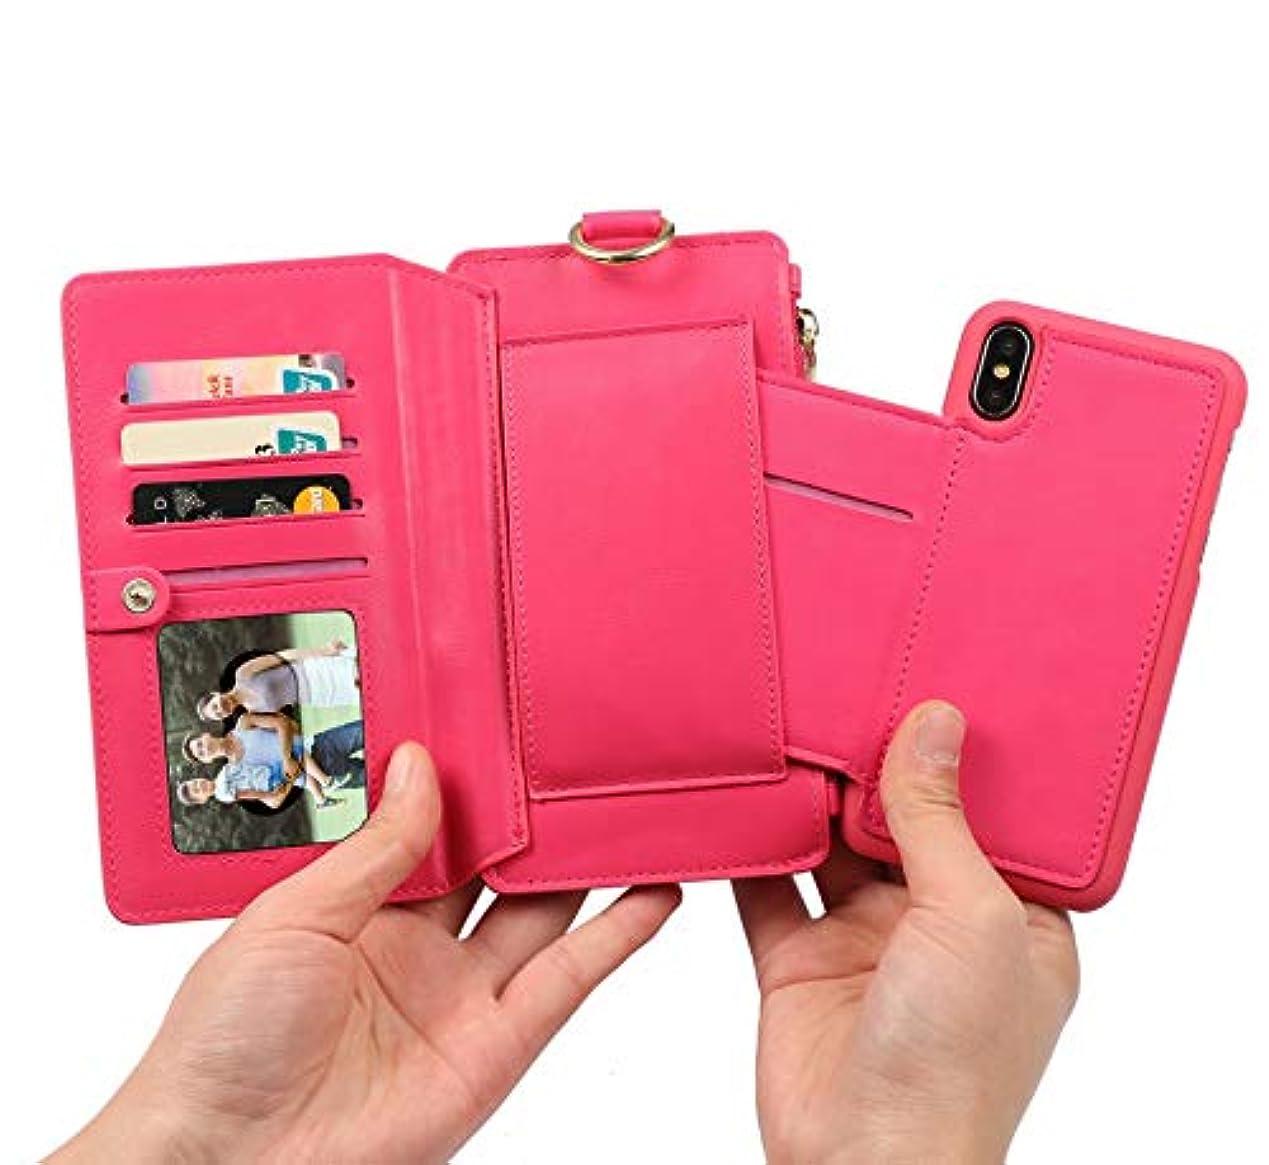 ジョセフバンクス健全背が高いiPhone 8 Plus パソコンExit包保護套 - 折りたたみ保護袖 - 立ちブラケット-ビジネススタイル-全身保護-内殻金属リング-12札入れ-相枠-取り外し可能な電話ケース財布 5.5インチiPhone 7 Plus...